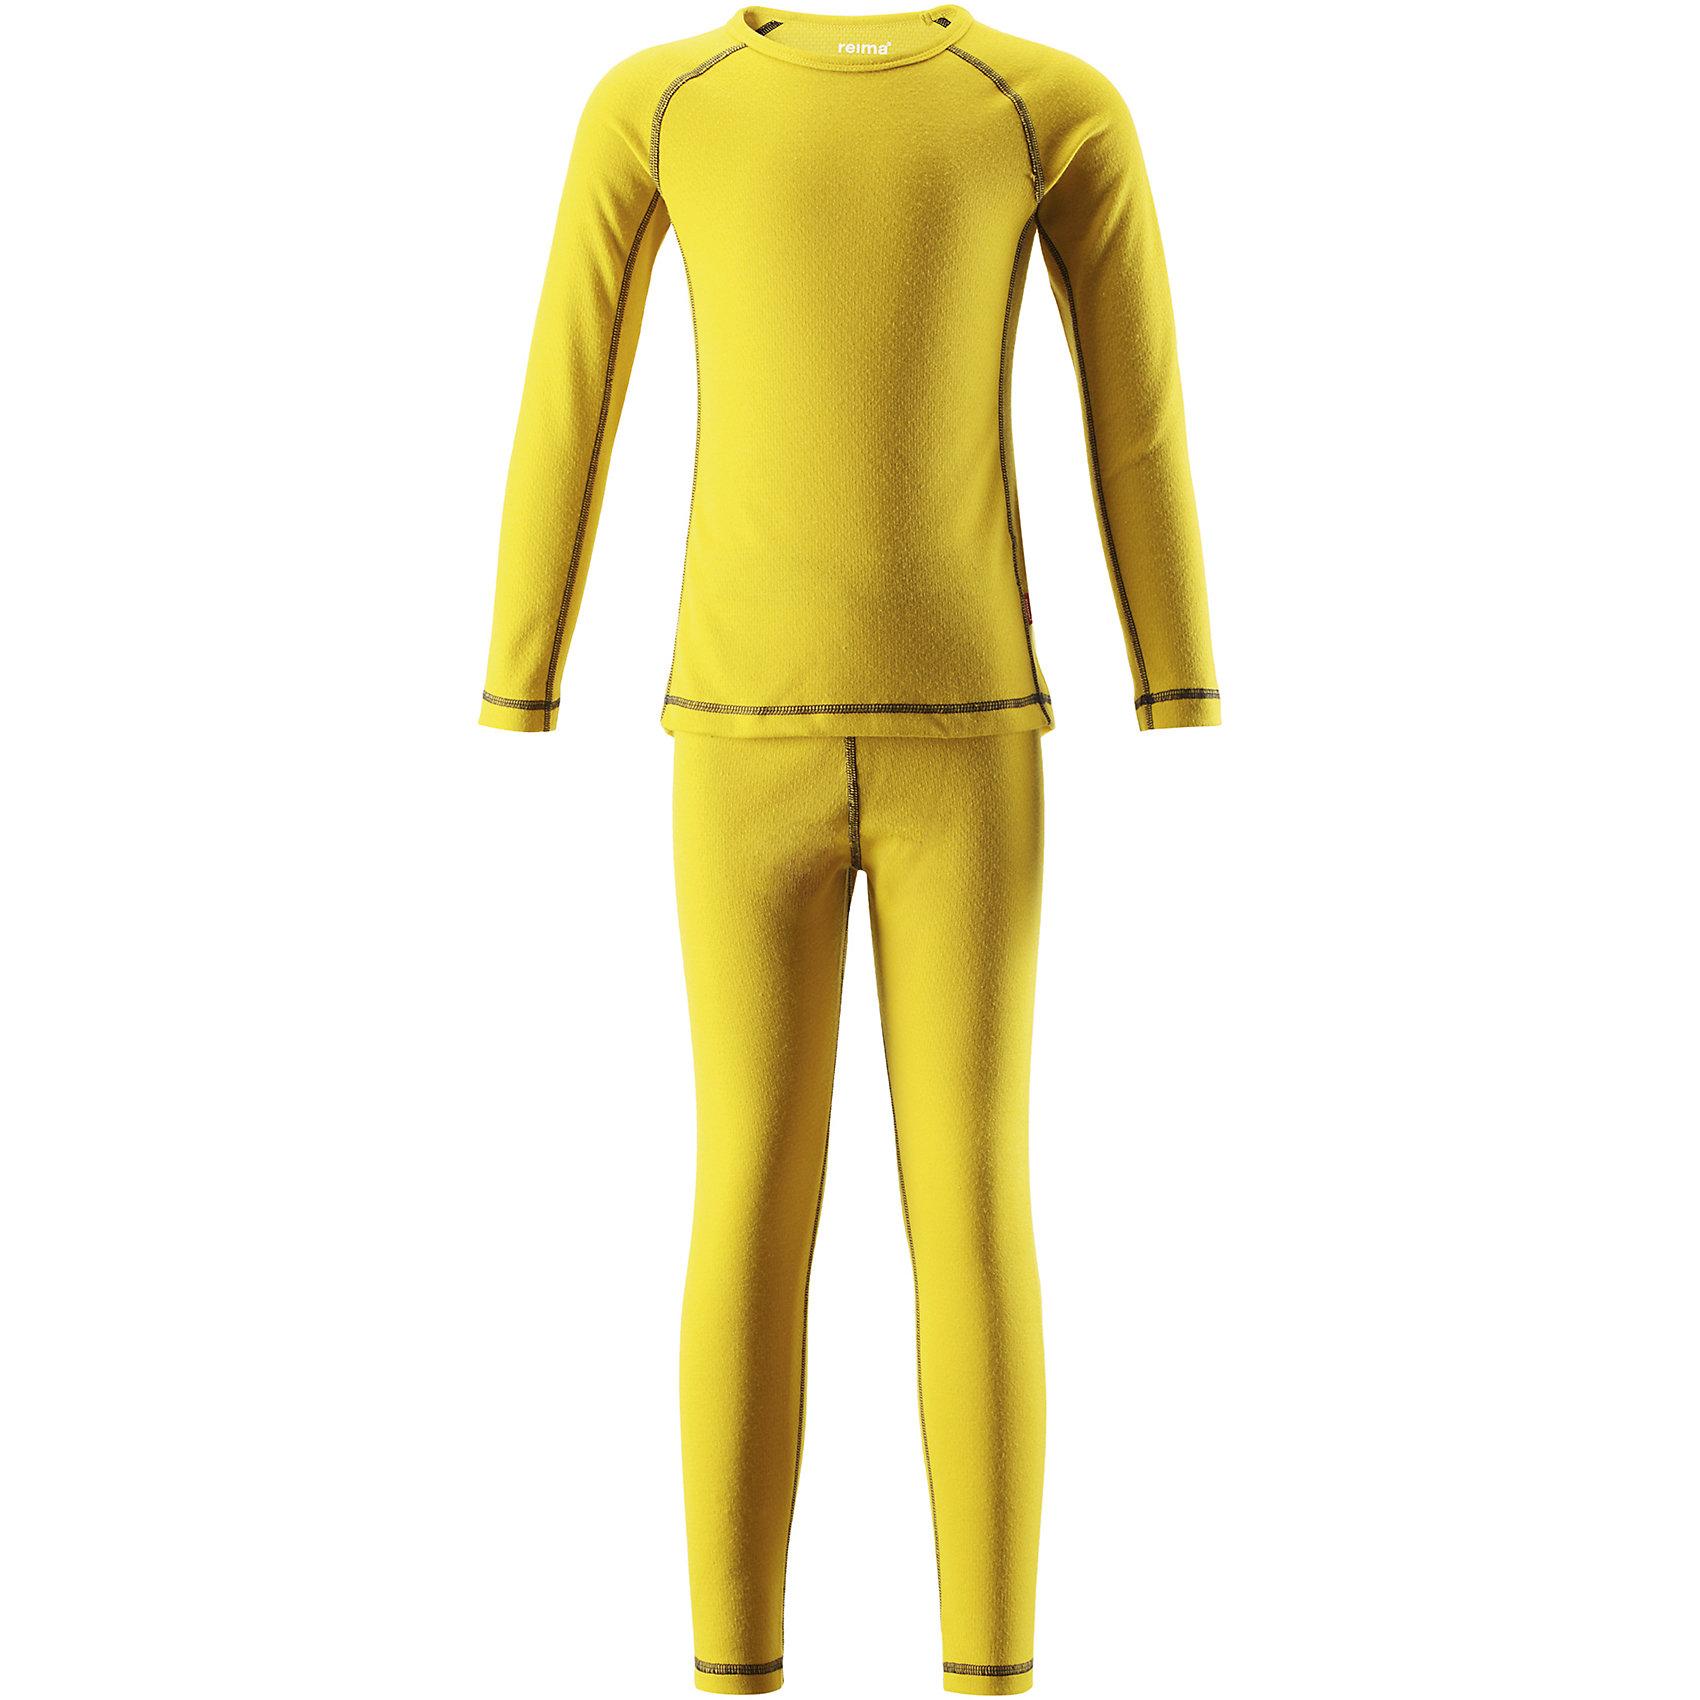 Комплект нижнего белья Lani ReimaФлис и термобелье<br>Благодаря практичному детскому базовому комплекту ваш ребенок может гулять и заниматься спортом в любую погоду. В этом комплекте ребенку будет сухо и тепло, ведь материал THERMOLITE®, из которого он сшит, эффективно отводит влагу от кожи в верхний слой одежды. Комплект очень удобный и приятный на ощупь, а тонкие плоские швы в замок не натирают кожу. Удлиненная спинка хорошо закрывает и дополнительно защищает поясницу, а лёгкая эластичная резинка на манжетах удобно облегает запястья. Создайте идеальное сочетание – наденьте комплект с теплым флисовым промежуточным слоем и функциональной верхней одеждой!<br>Состав:<br>43% Полиэстер THERMOLITE®, 53% Полиэстер, 4% Полиэстер Sorona<br><br>Ширина мм: 196<br>Глубина мм: 10<br>Высота мм: 154<br>Вес г: 152<br>Цвет: желтый<br>Возраст от месяцев: 84<br>Возраст до месяцев: 96<br>Пол: Унисекс<br>Возраст: Детский<br>Размер: 160,80,90,100,110,120,130,140,150<br>SKU: 6904520